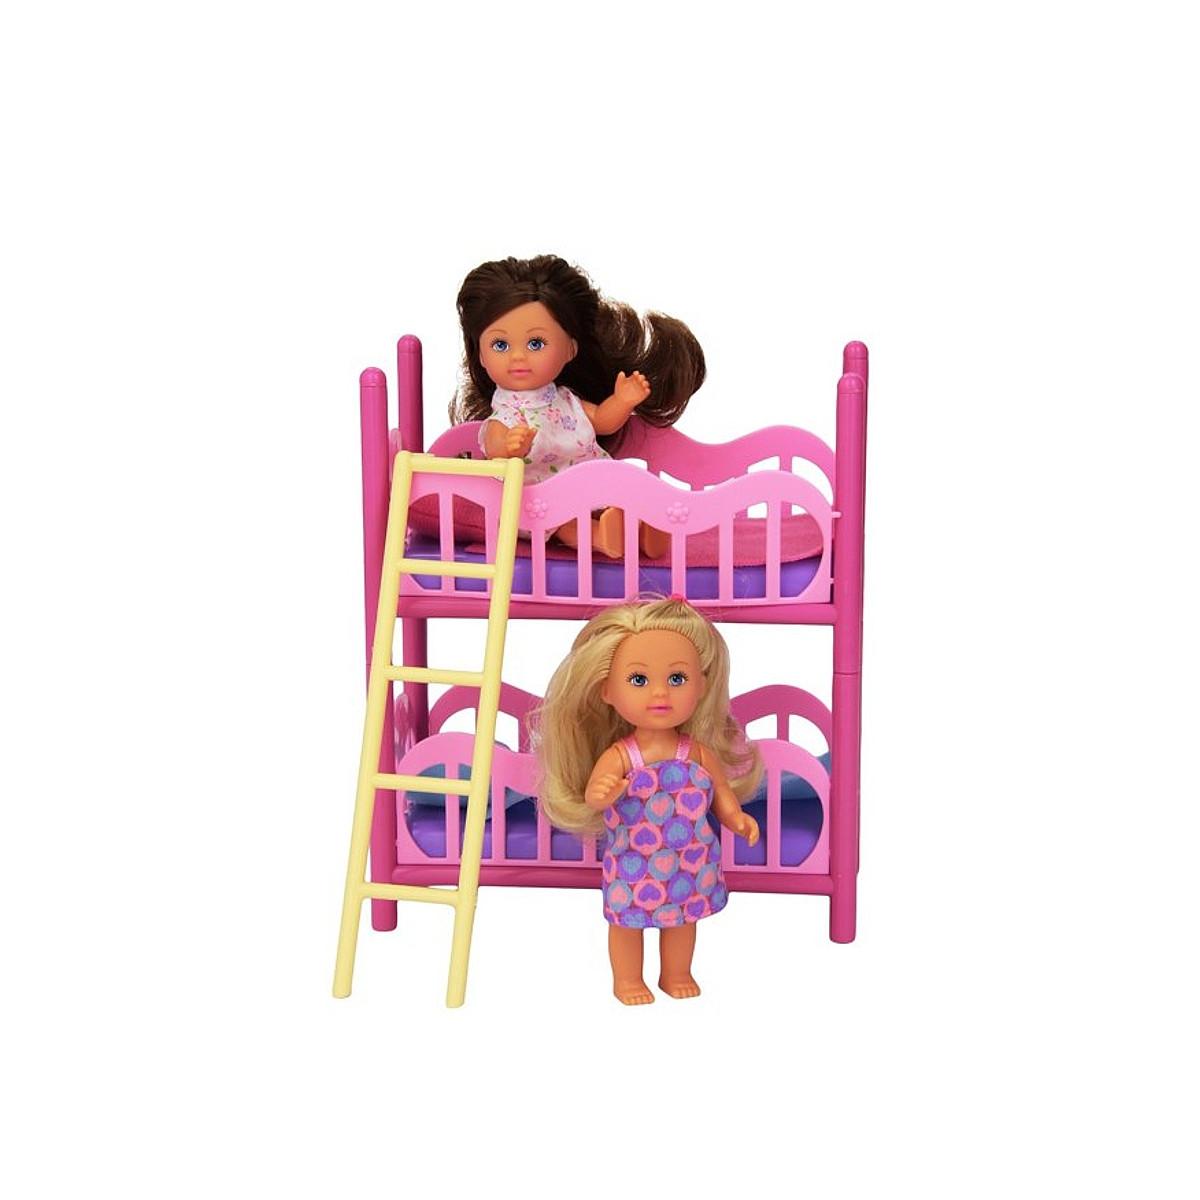 Ляльки пупси «Simba» (5733847) Еві з двоповерховим ліжком, 2 ляльки 12 см